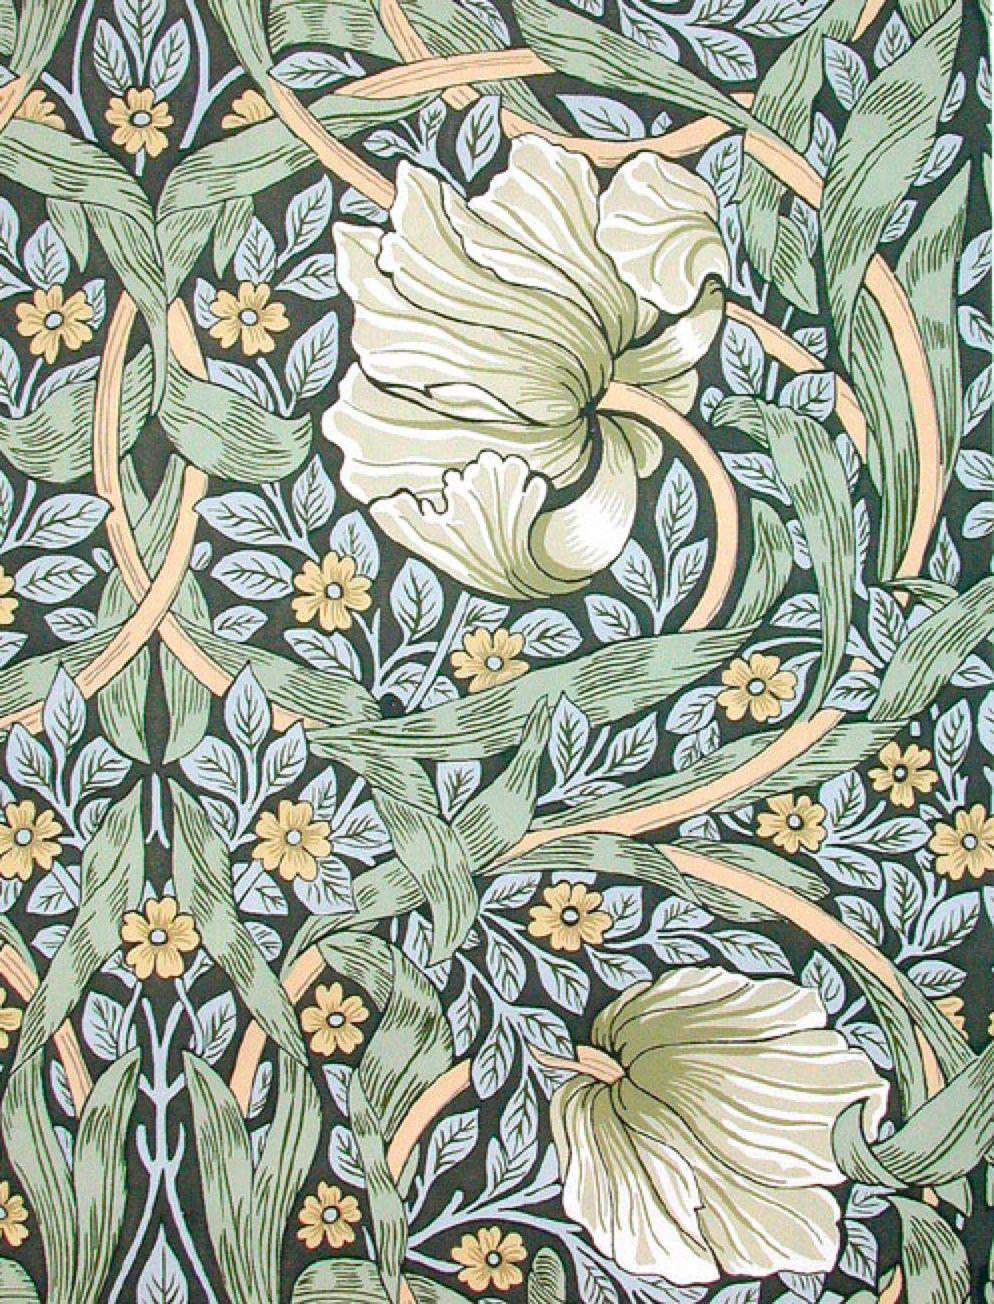 William Morris Pimpernel Floral Design Statuette William